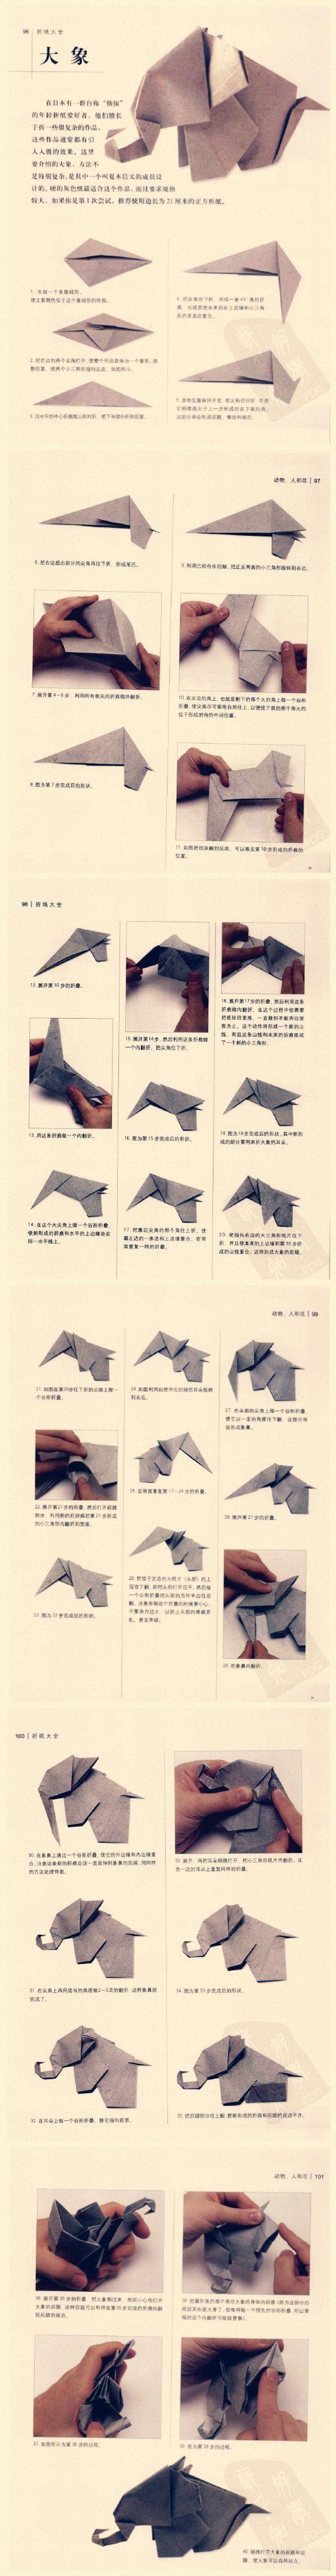 origami elephant folding instructions